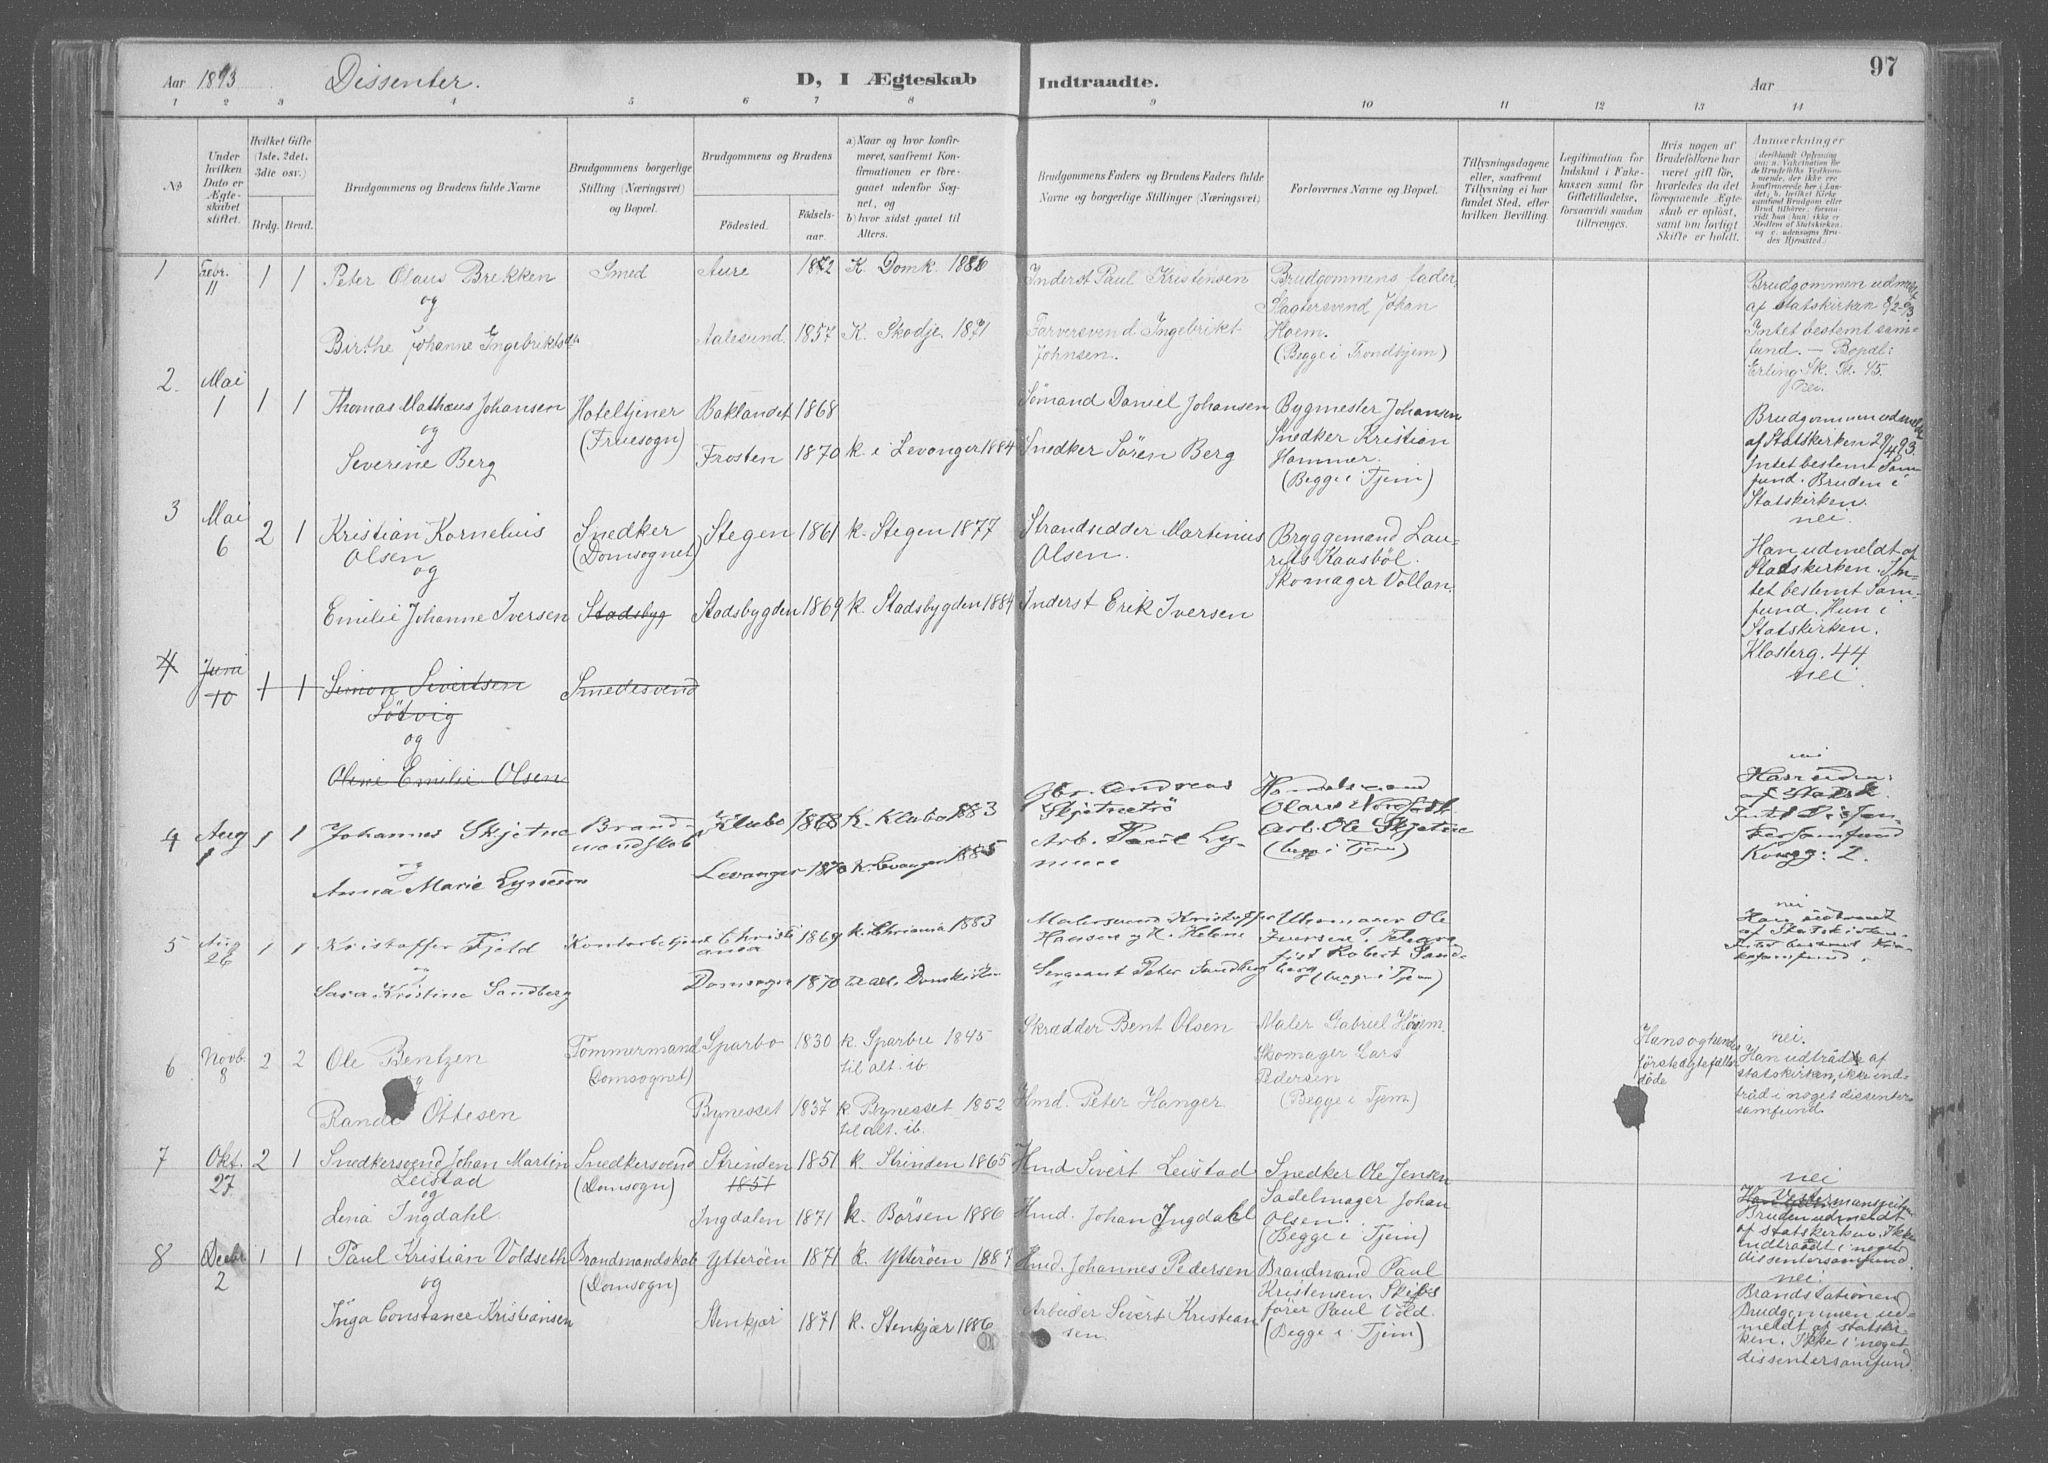 SAT, Ministerialprotokoller, klokkerbøker og fødselsregistre - Sør-Trøndelag, 601/L0064: Ministerialbok nr. 601A31, 1891-1911, s. 97